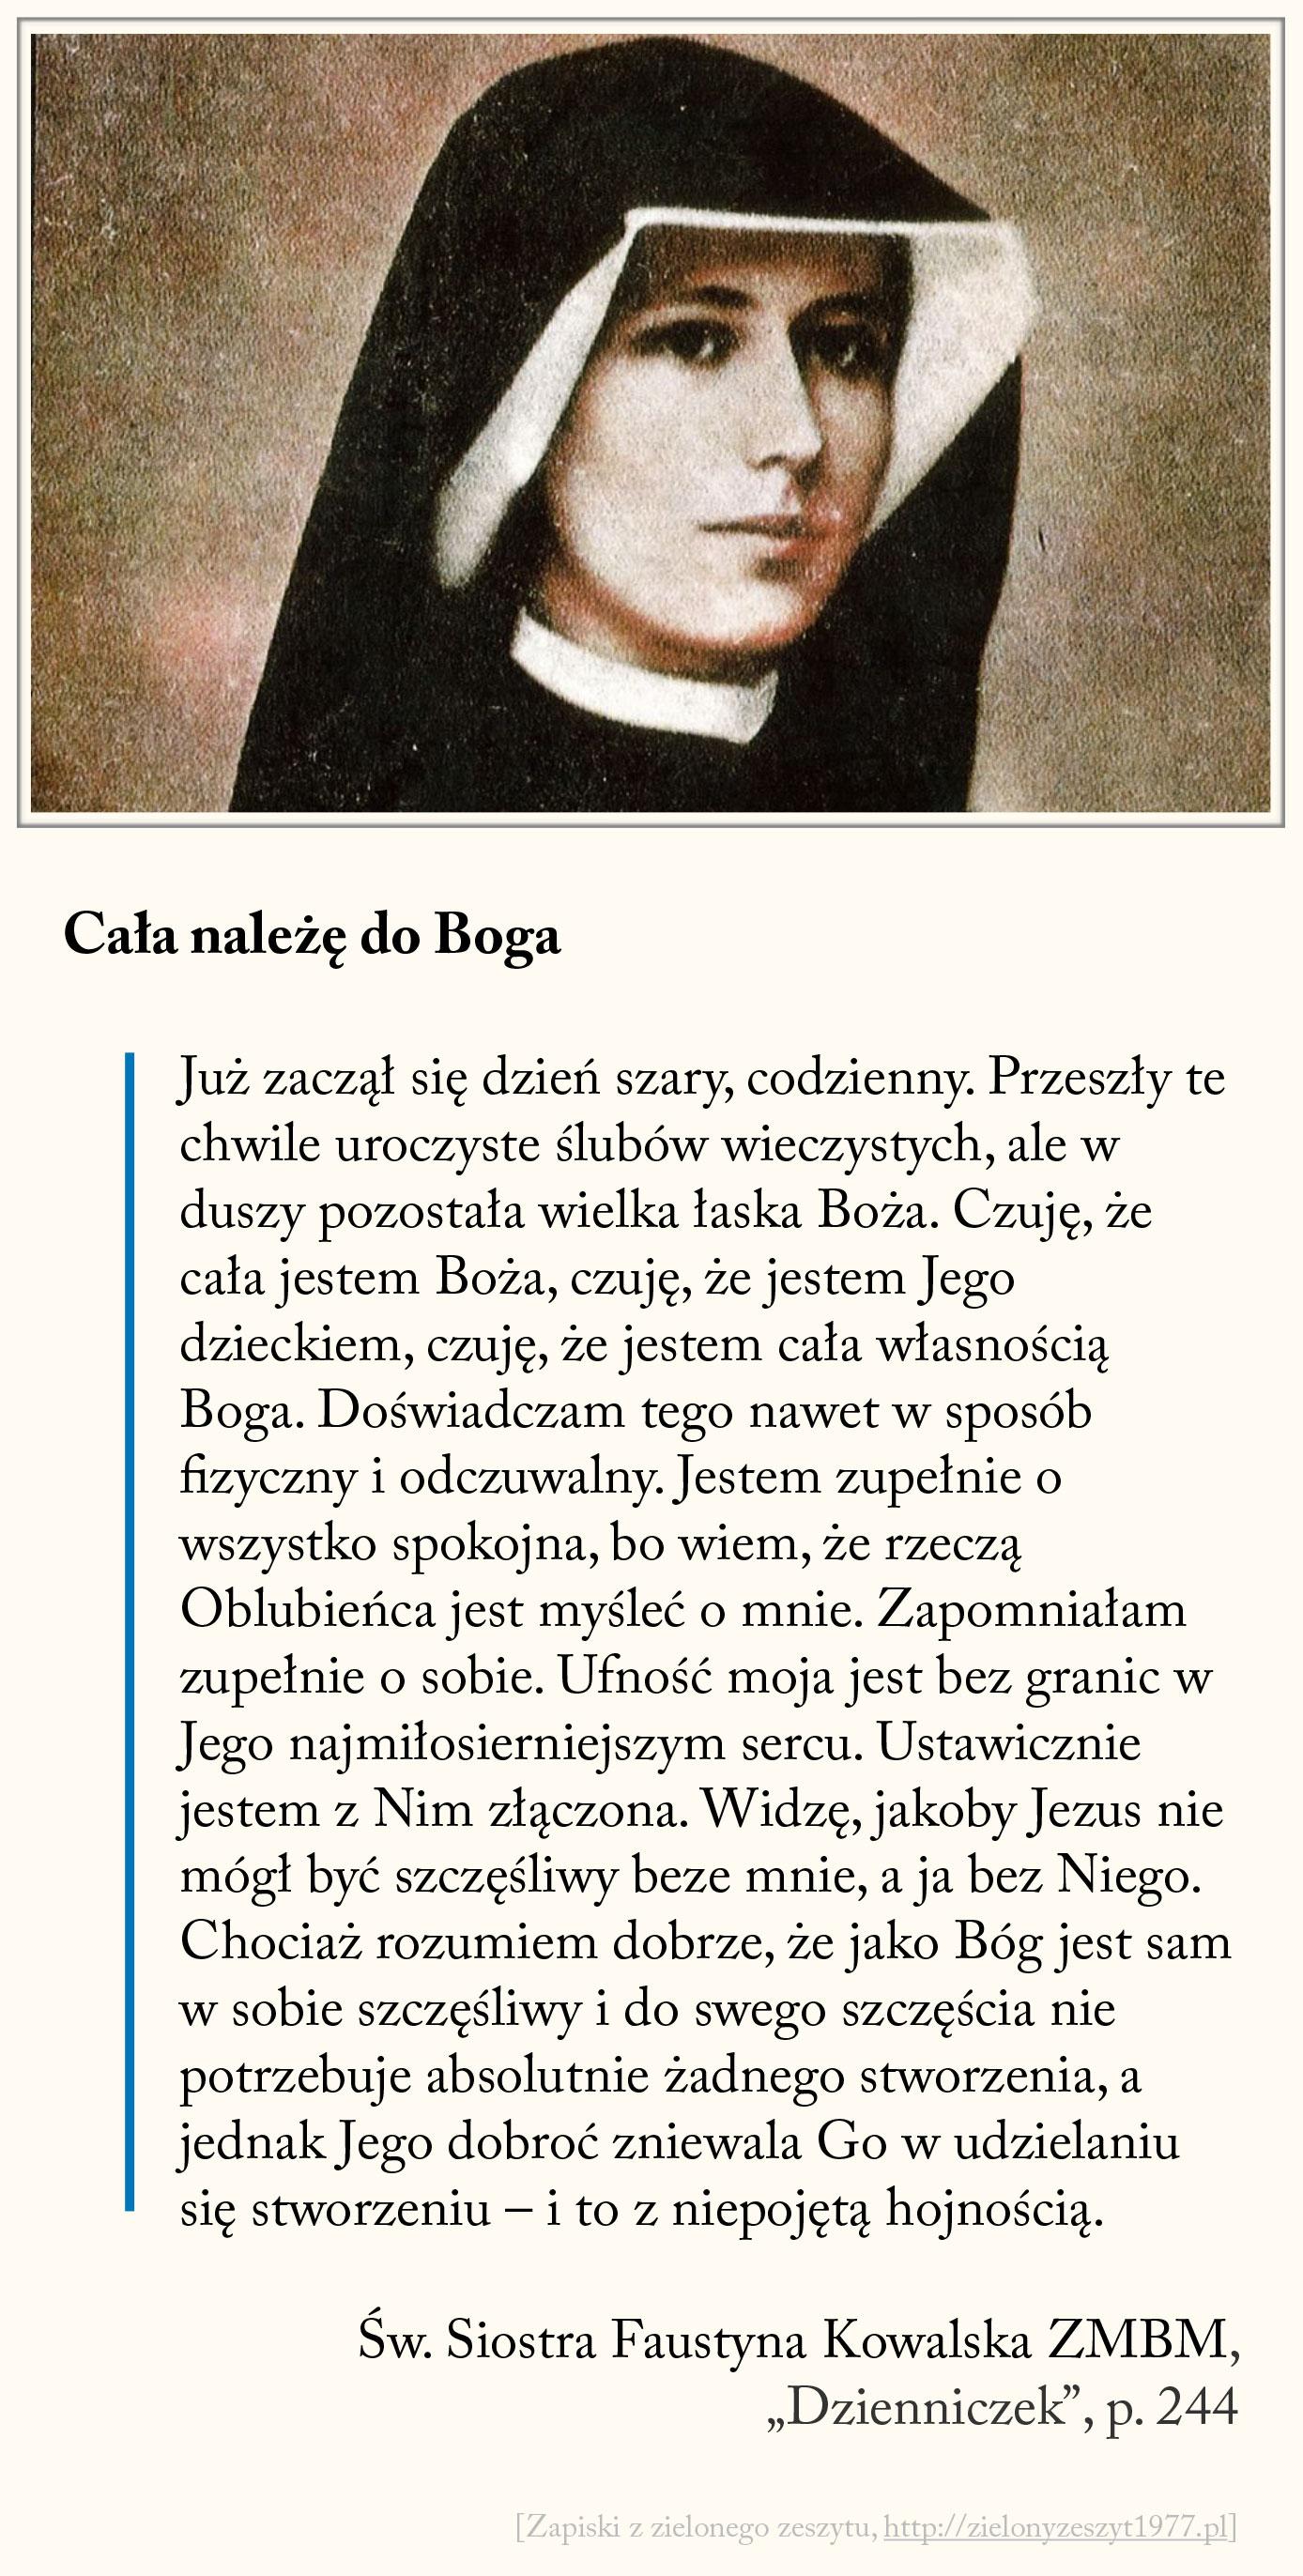 Cała należę do Boga, św. Faustyna Kowalska, Dzienniczek